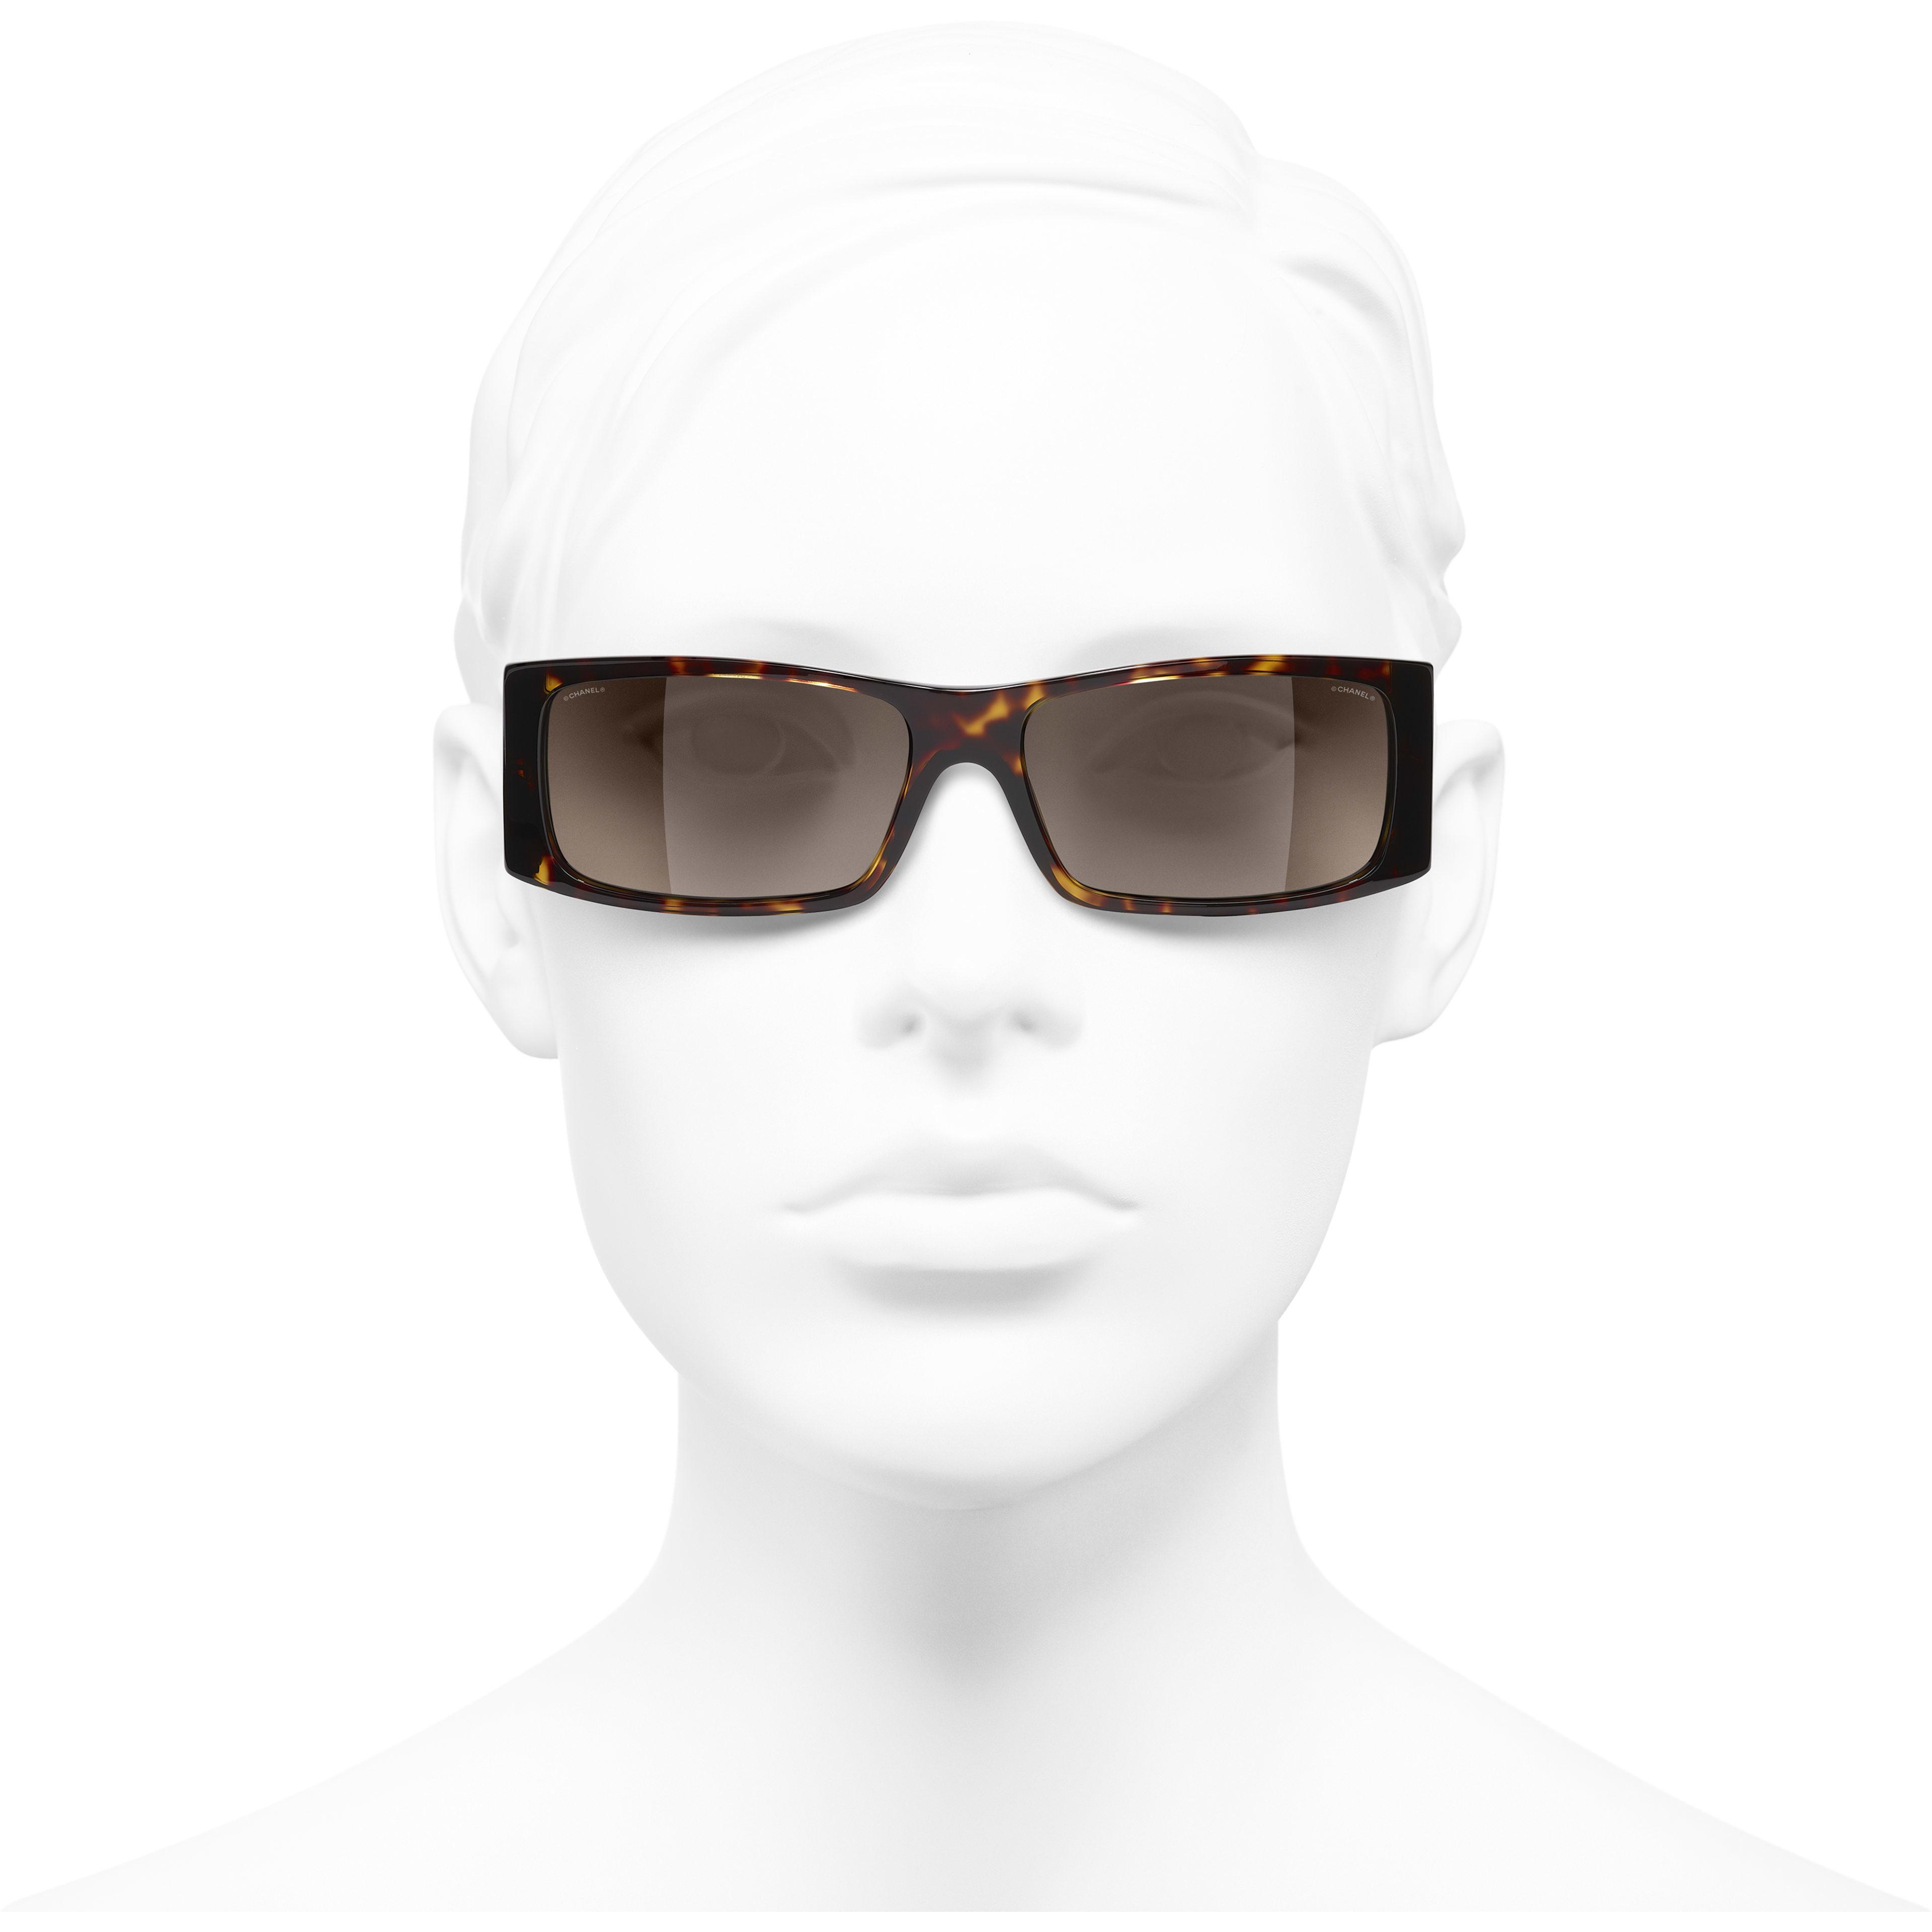 Occhiali rettangolari da sole - Tartaruga scuro - Acetato - CHANEL - Immagine frontale articolo indossato - vedere versione standard